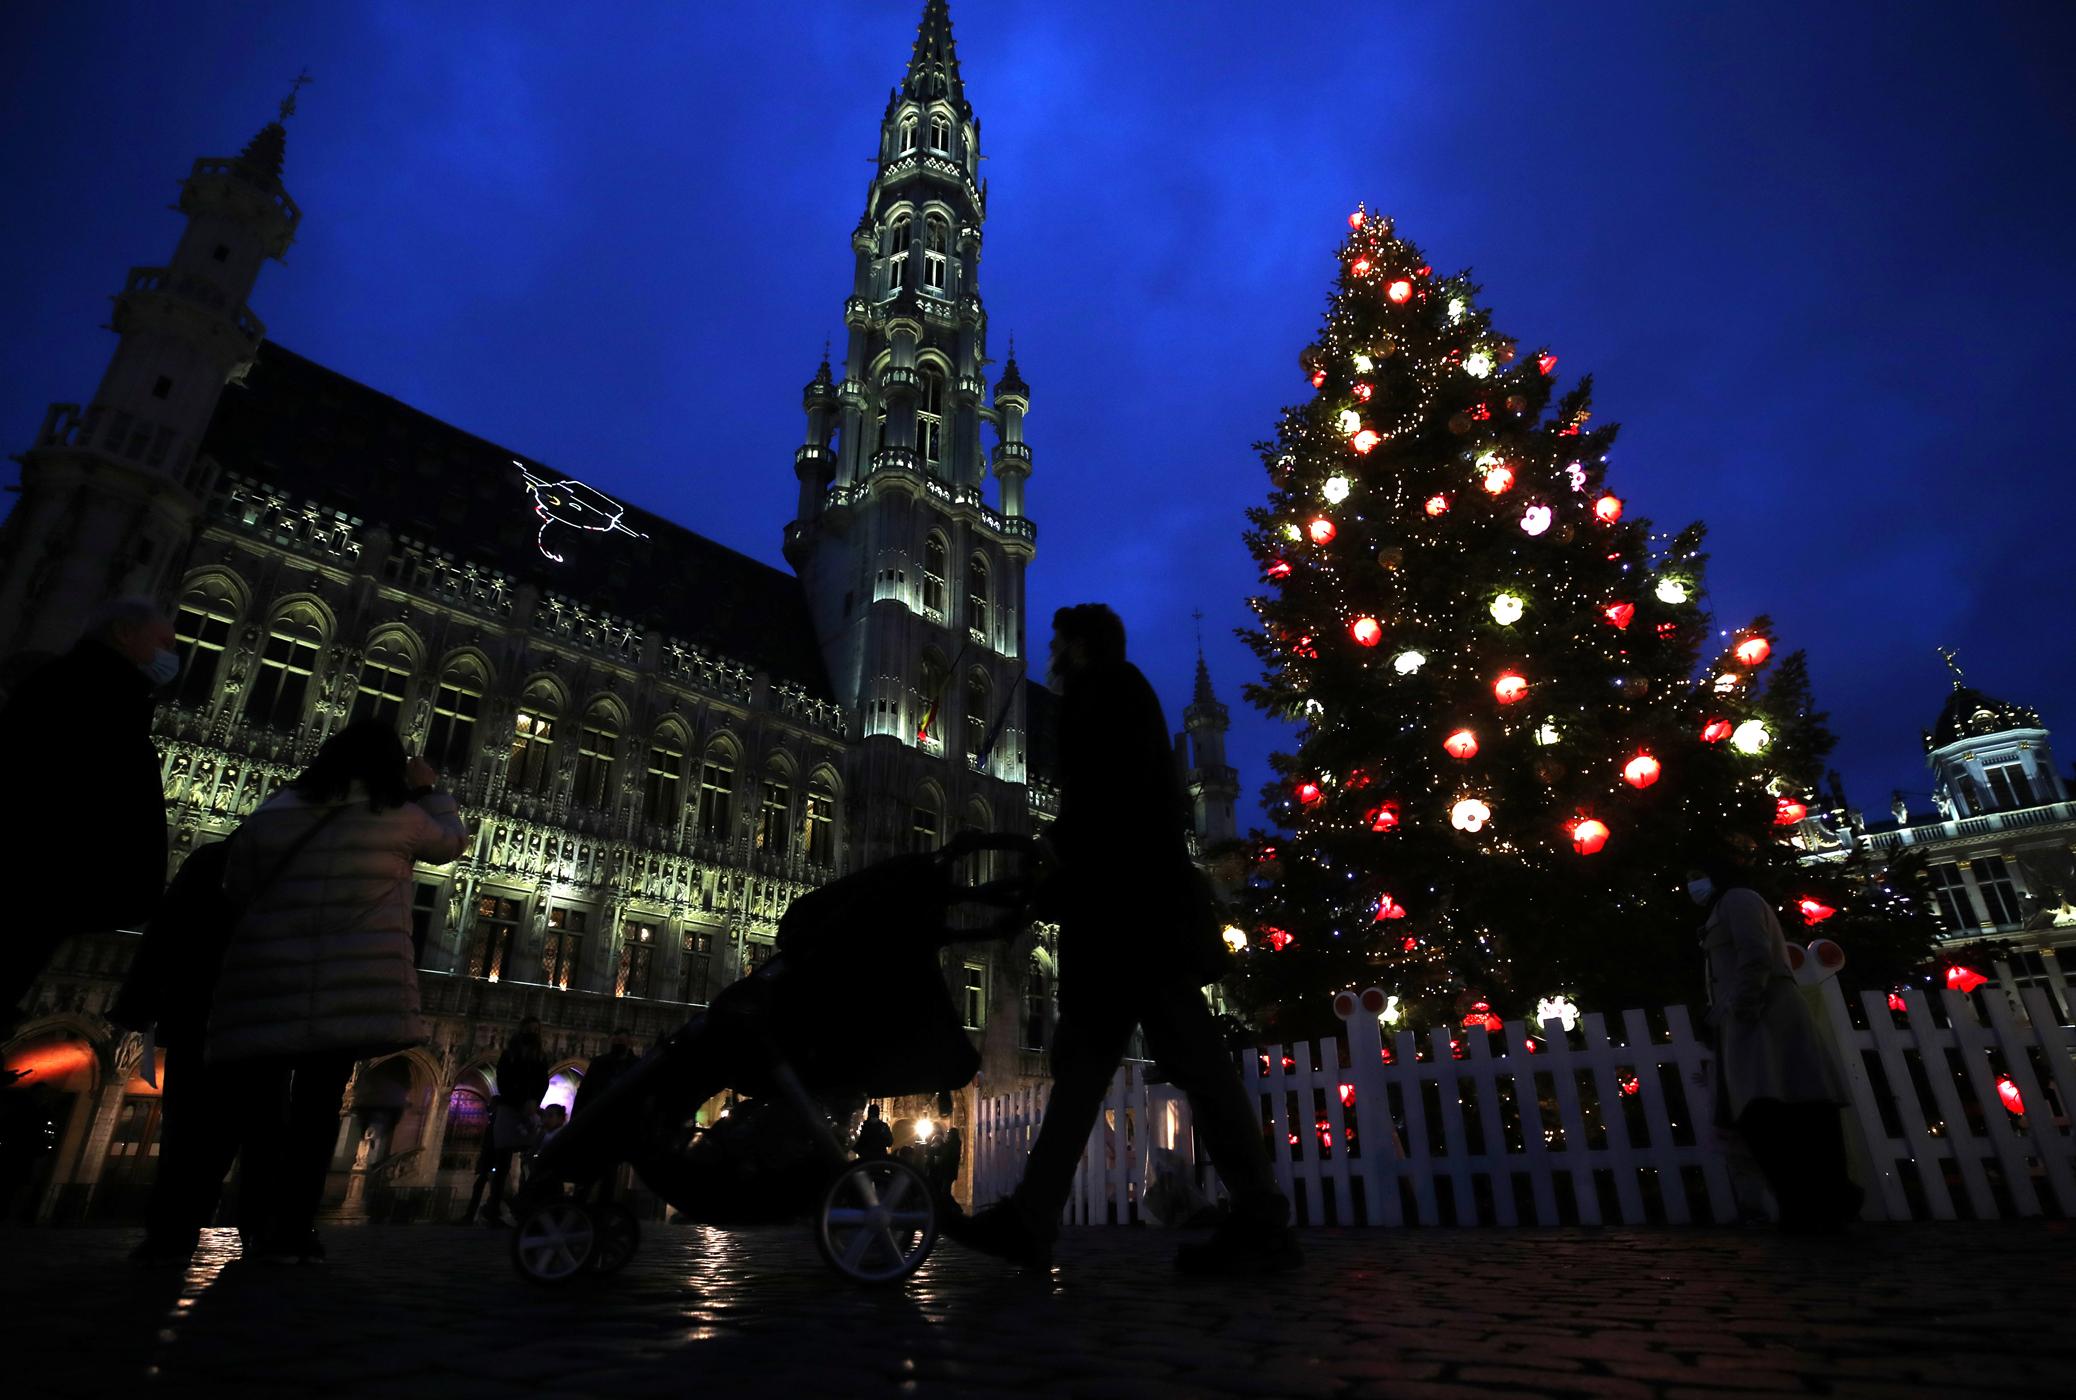 Βέλγιο: Αυστηρότερα μέτρα σε όσους επιστρέφουν από «κόκκινες» περιοχές